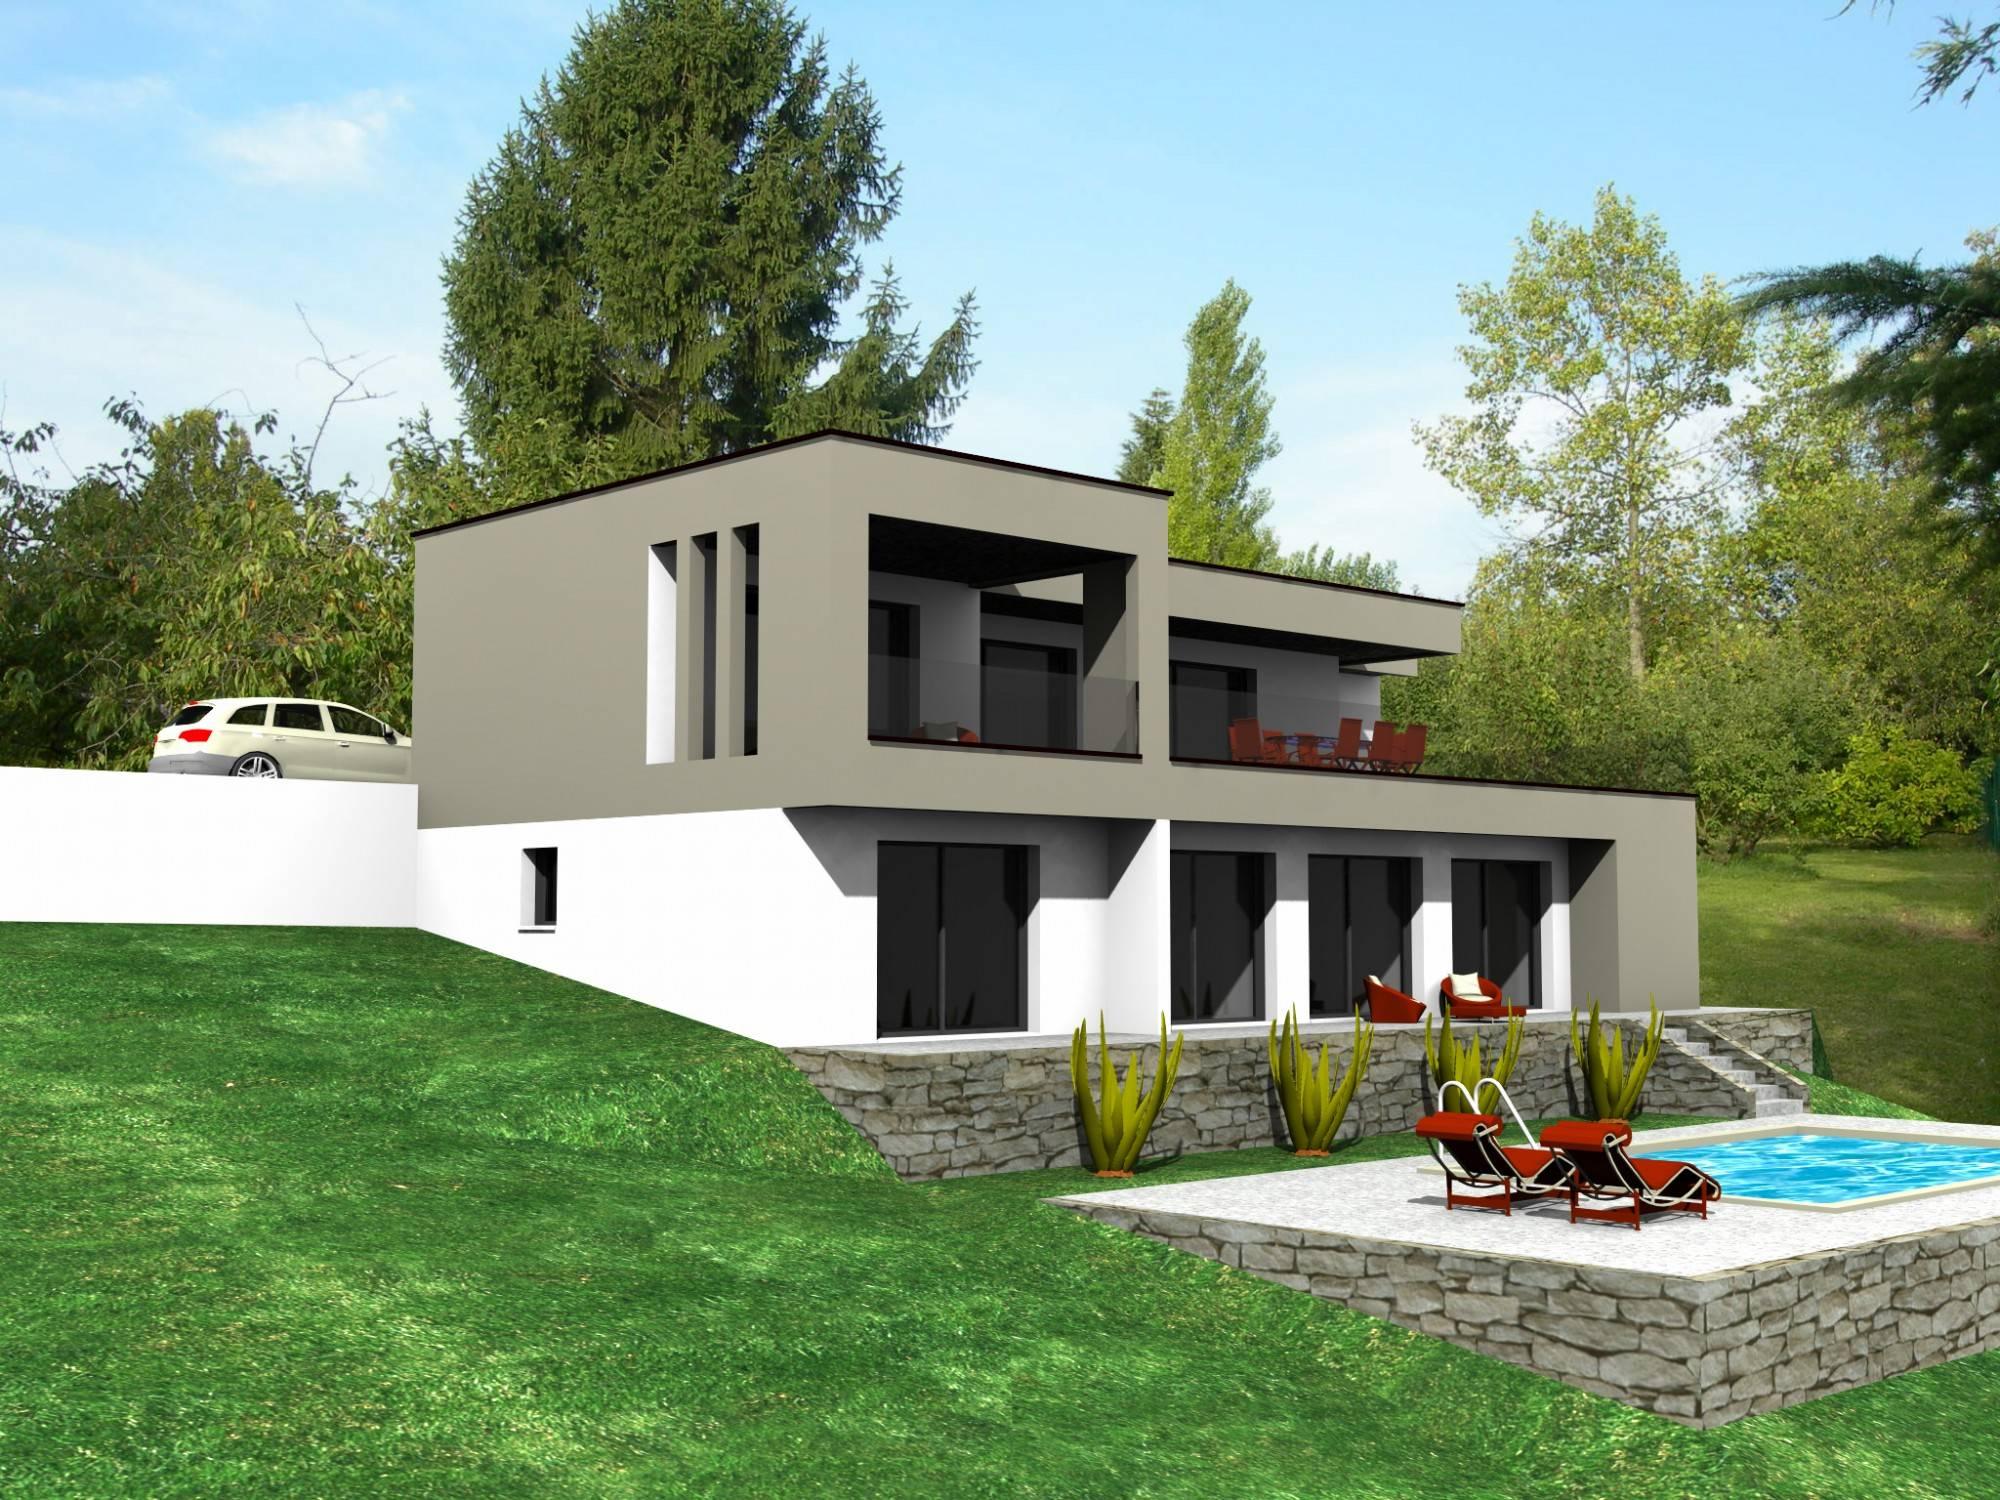 Projet au Sud de Lyon pour cette maison contemporaine